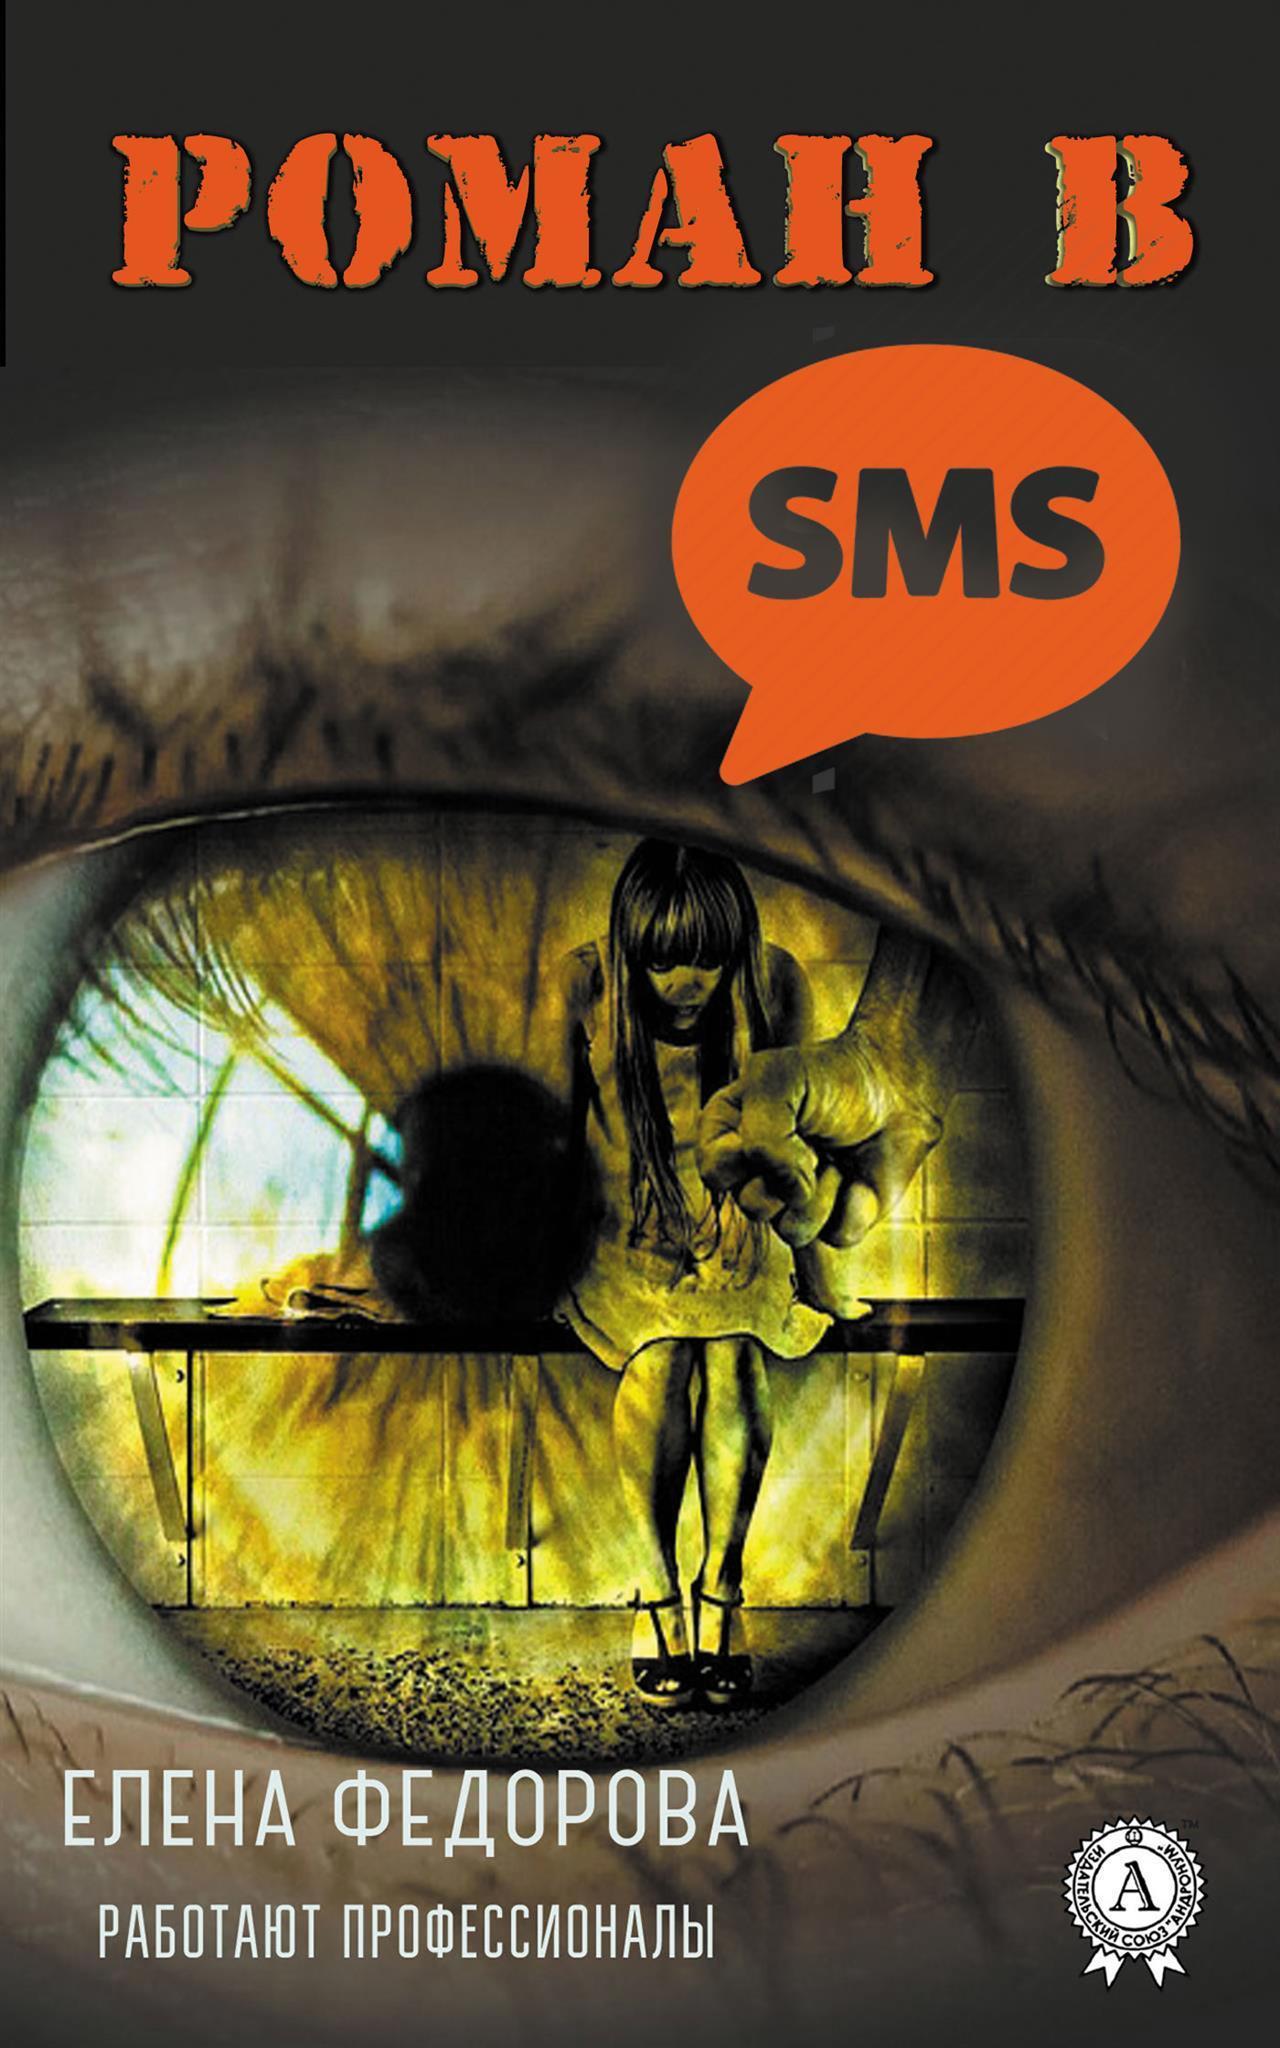 Елена Федорова - Роман в SMS